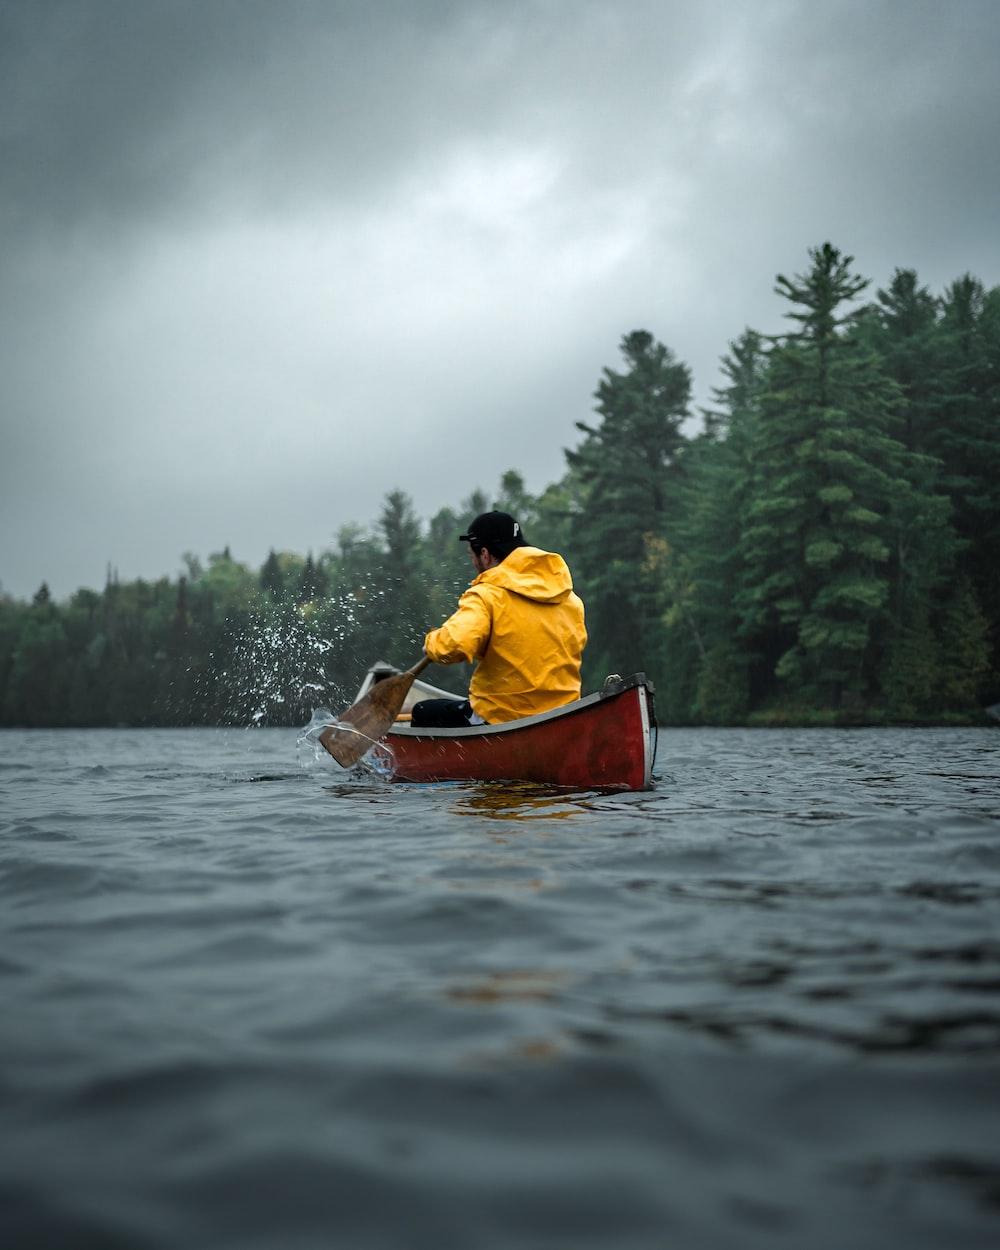 man wearing orange hoodie riding red canoe on lake